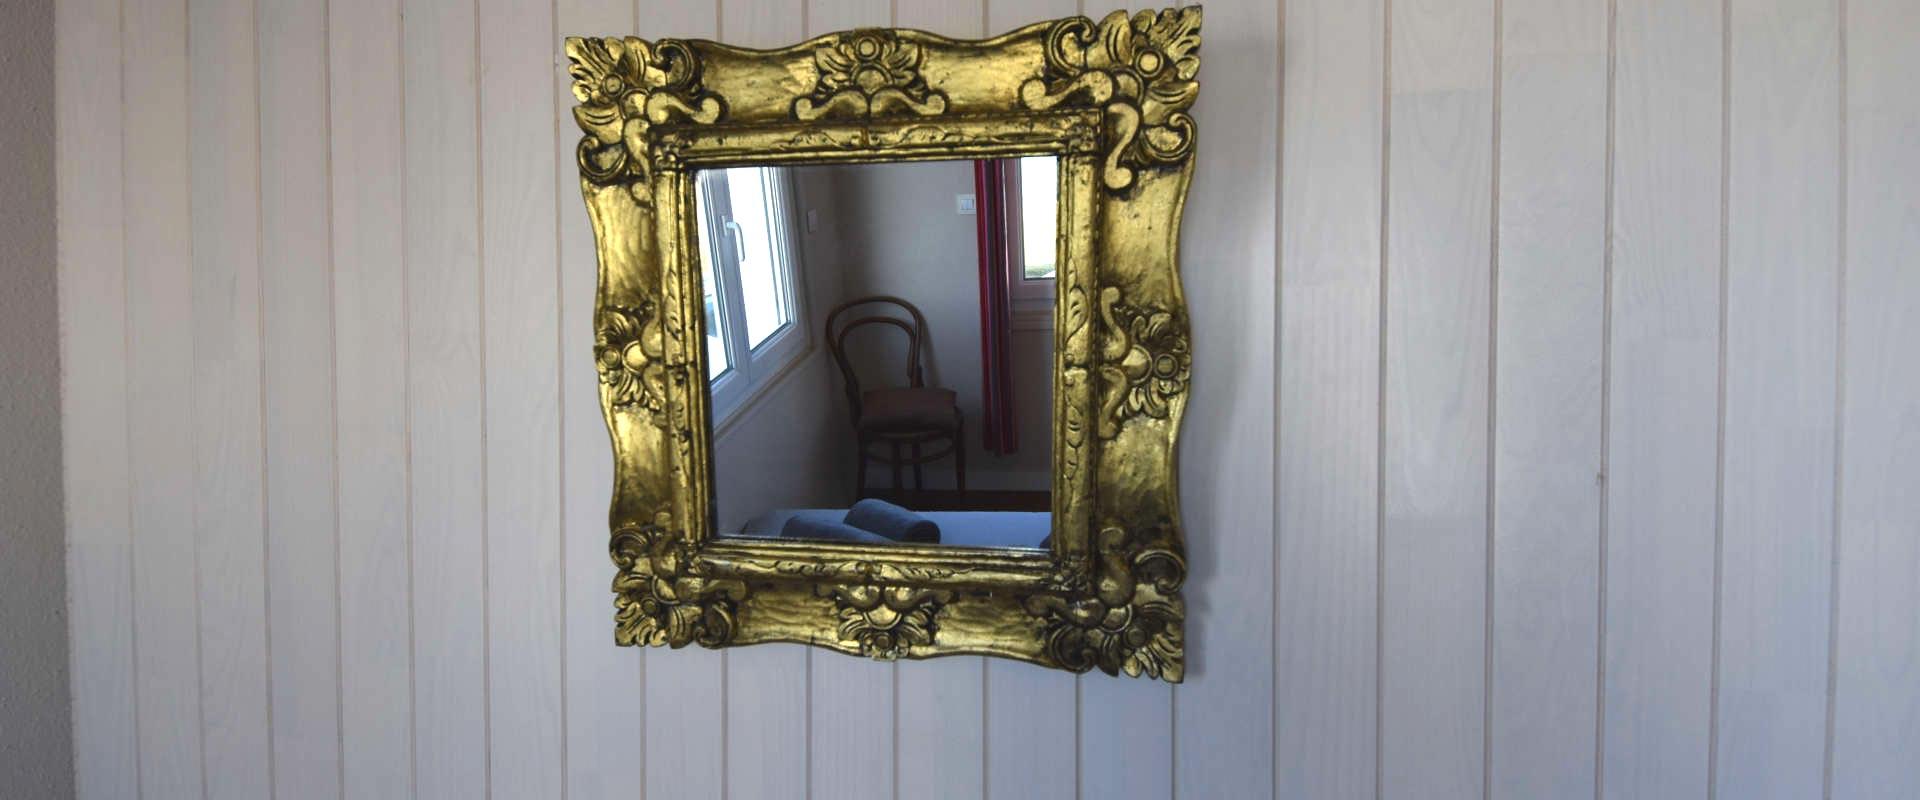 ti-ann4-miroir-de-l-ame.jpg